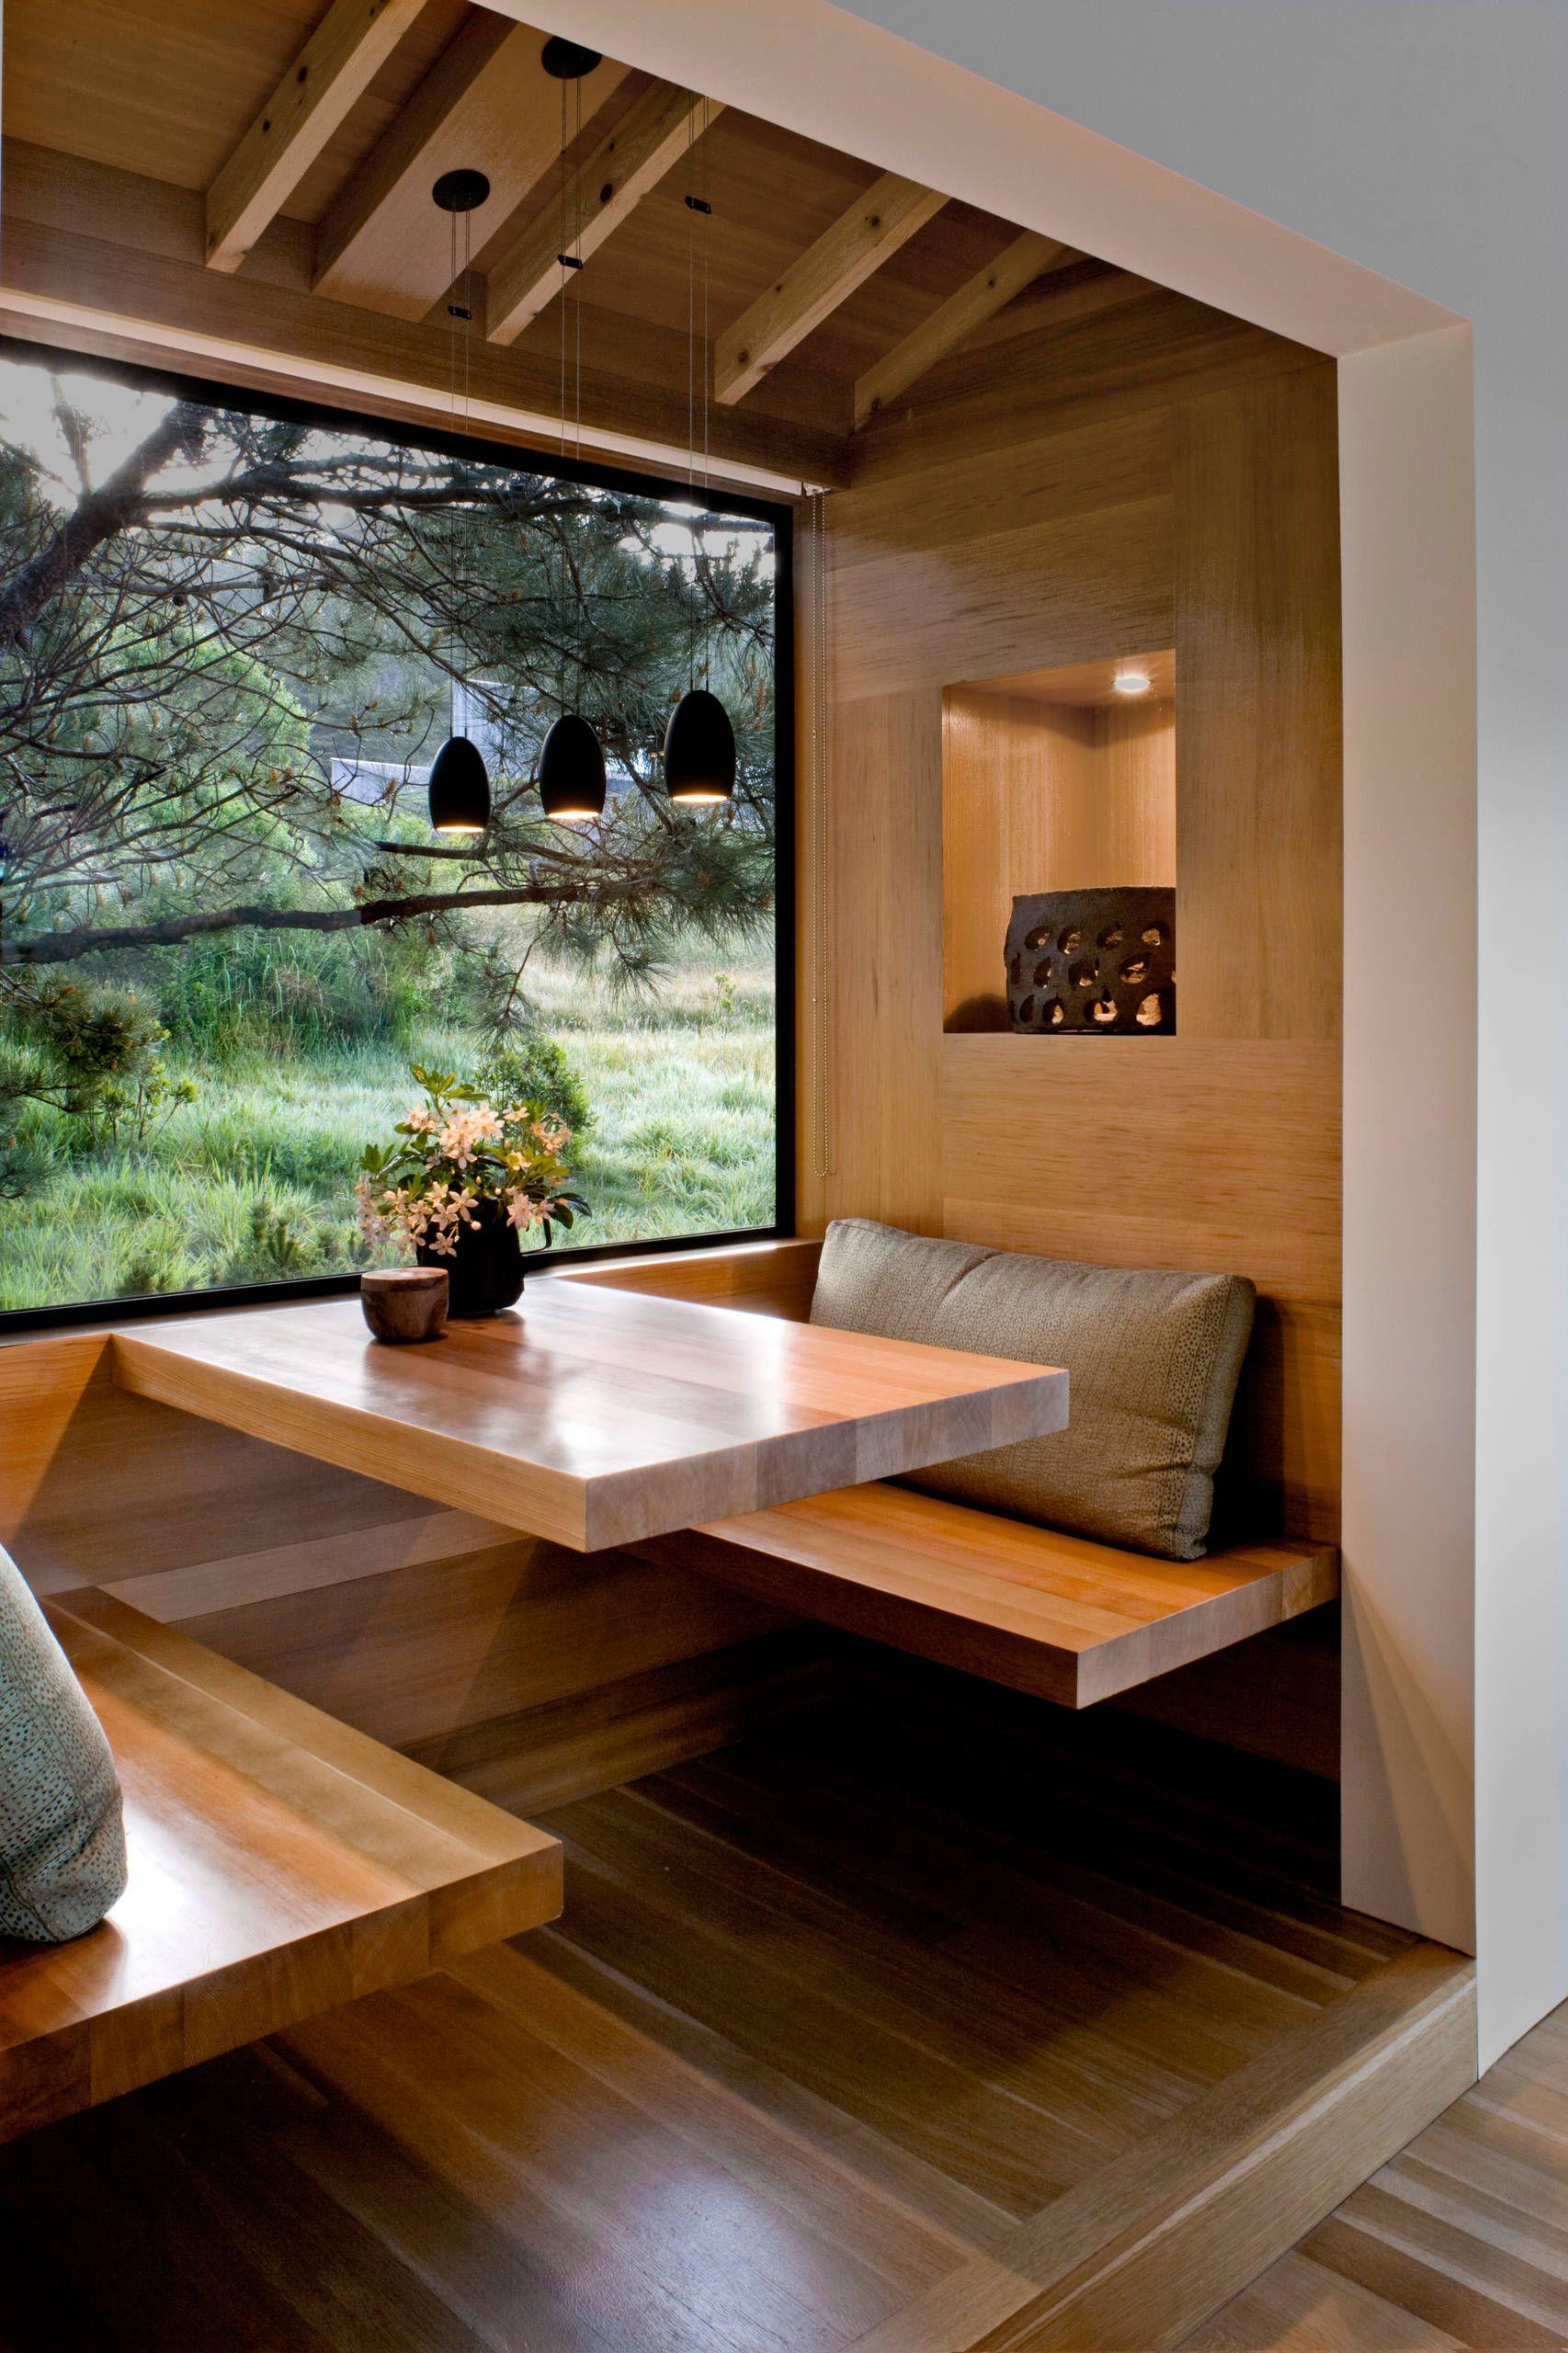 Warm Cedar Breakfast Nook Inspired By Japanese Simplicity W